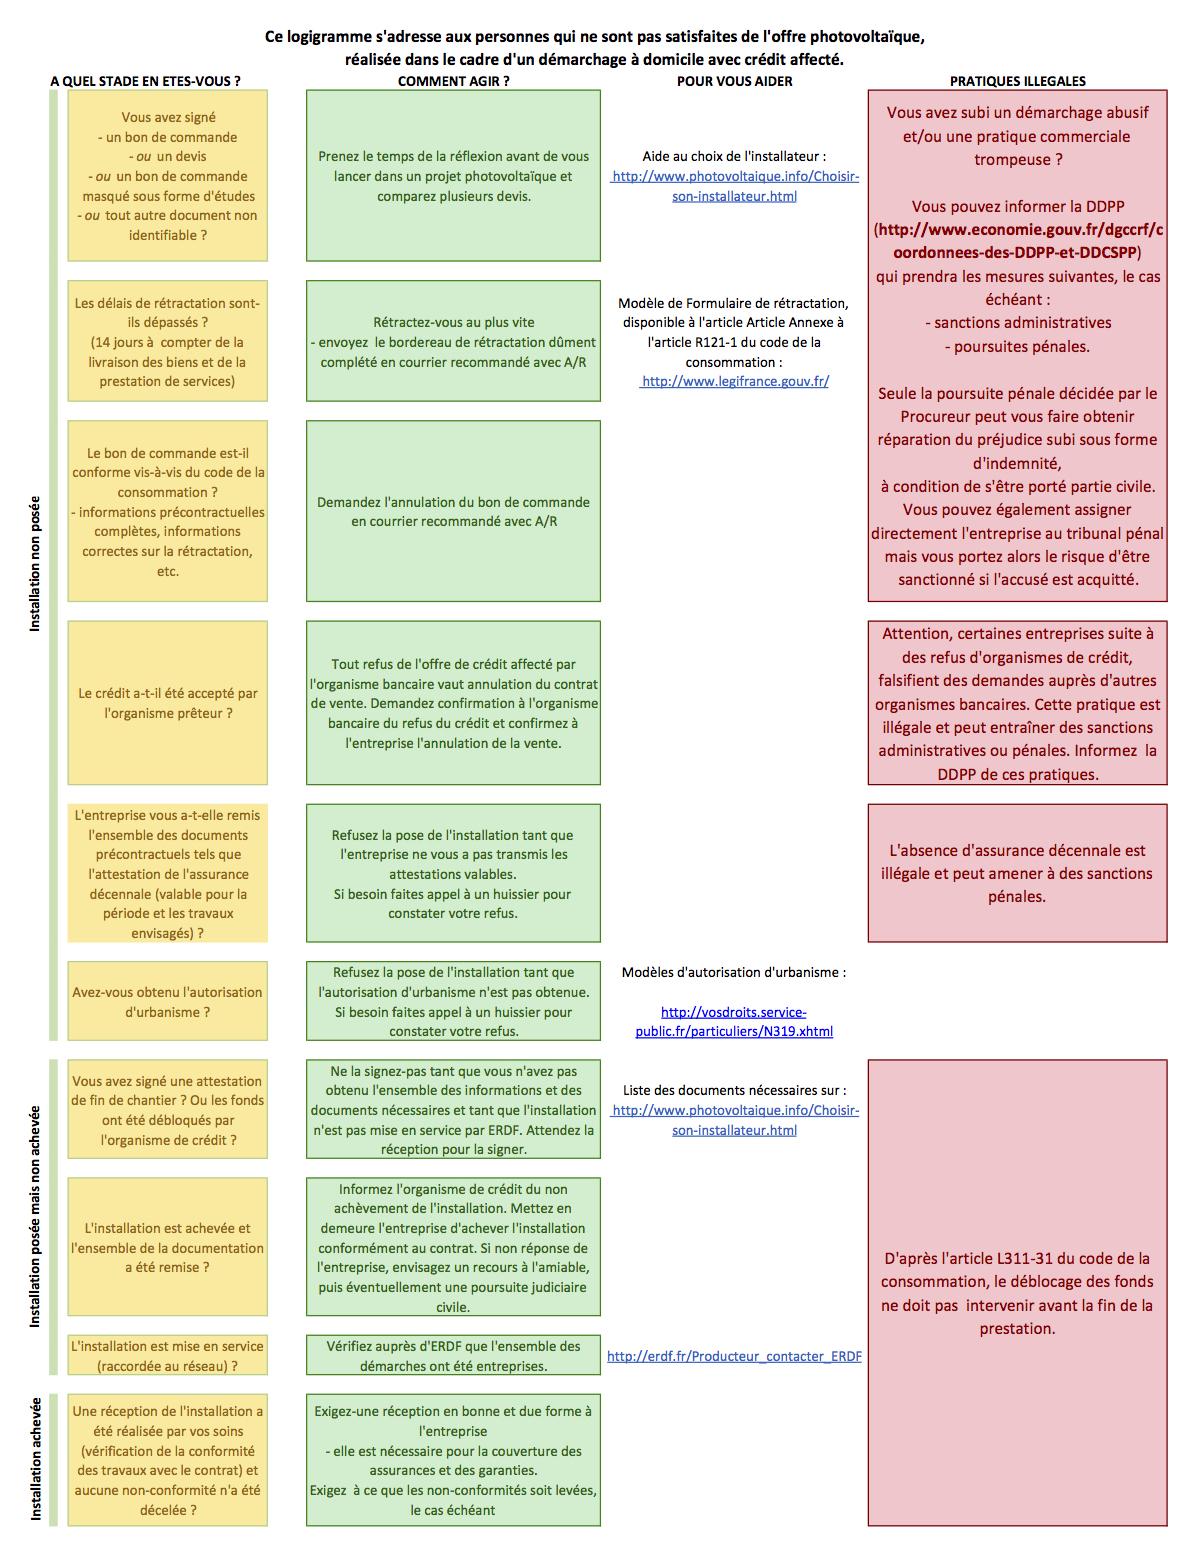 Photovoltaique.info - Régler un litige